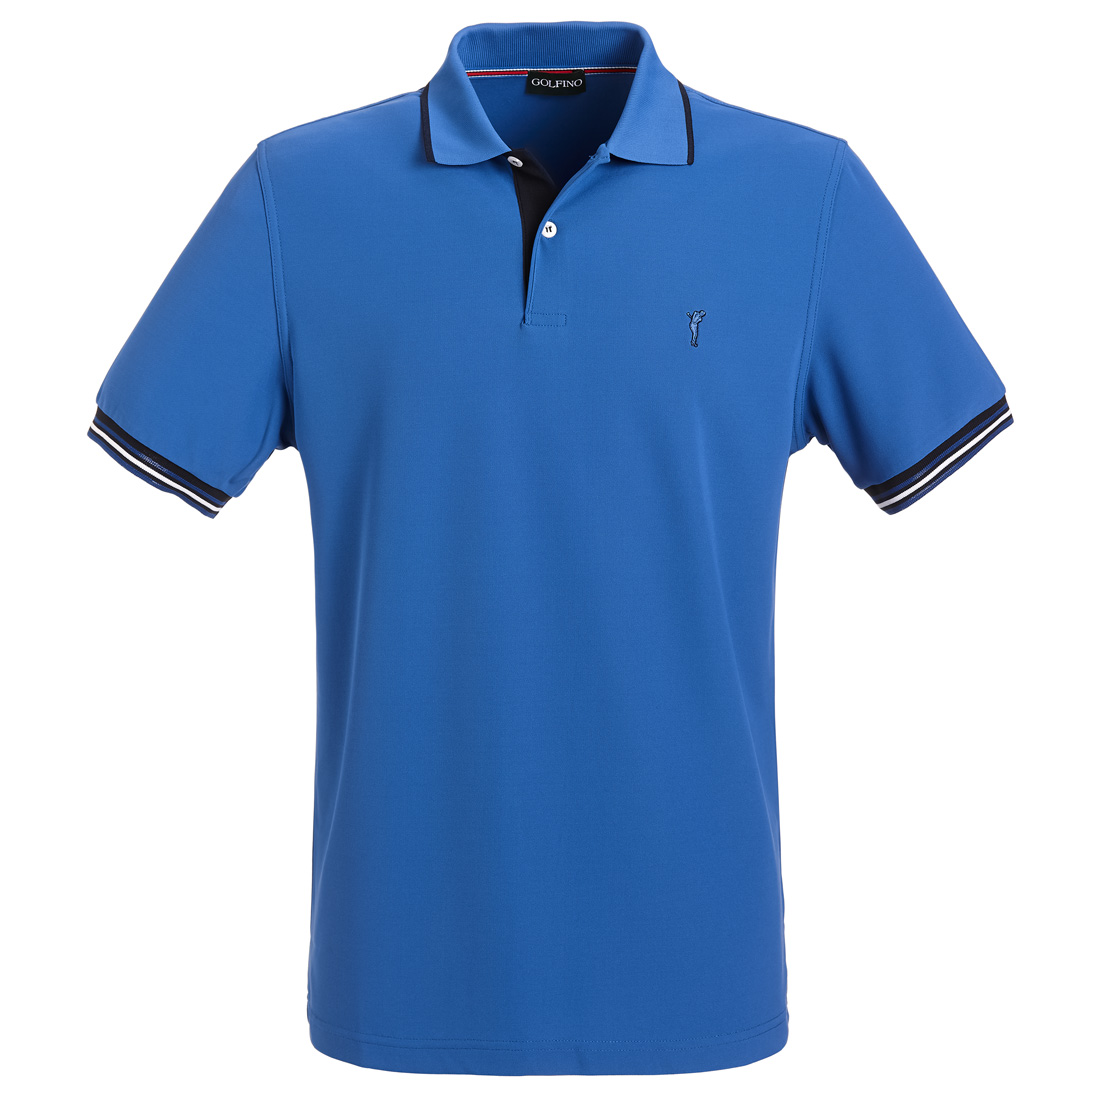 Slim Fit Herren Funktions-Golfpolo mit Moisture Management und UV-Protection